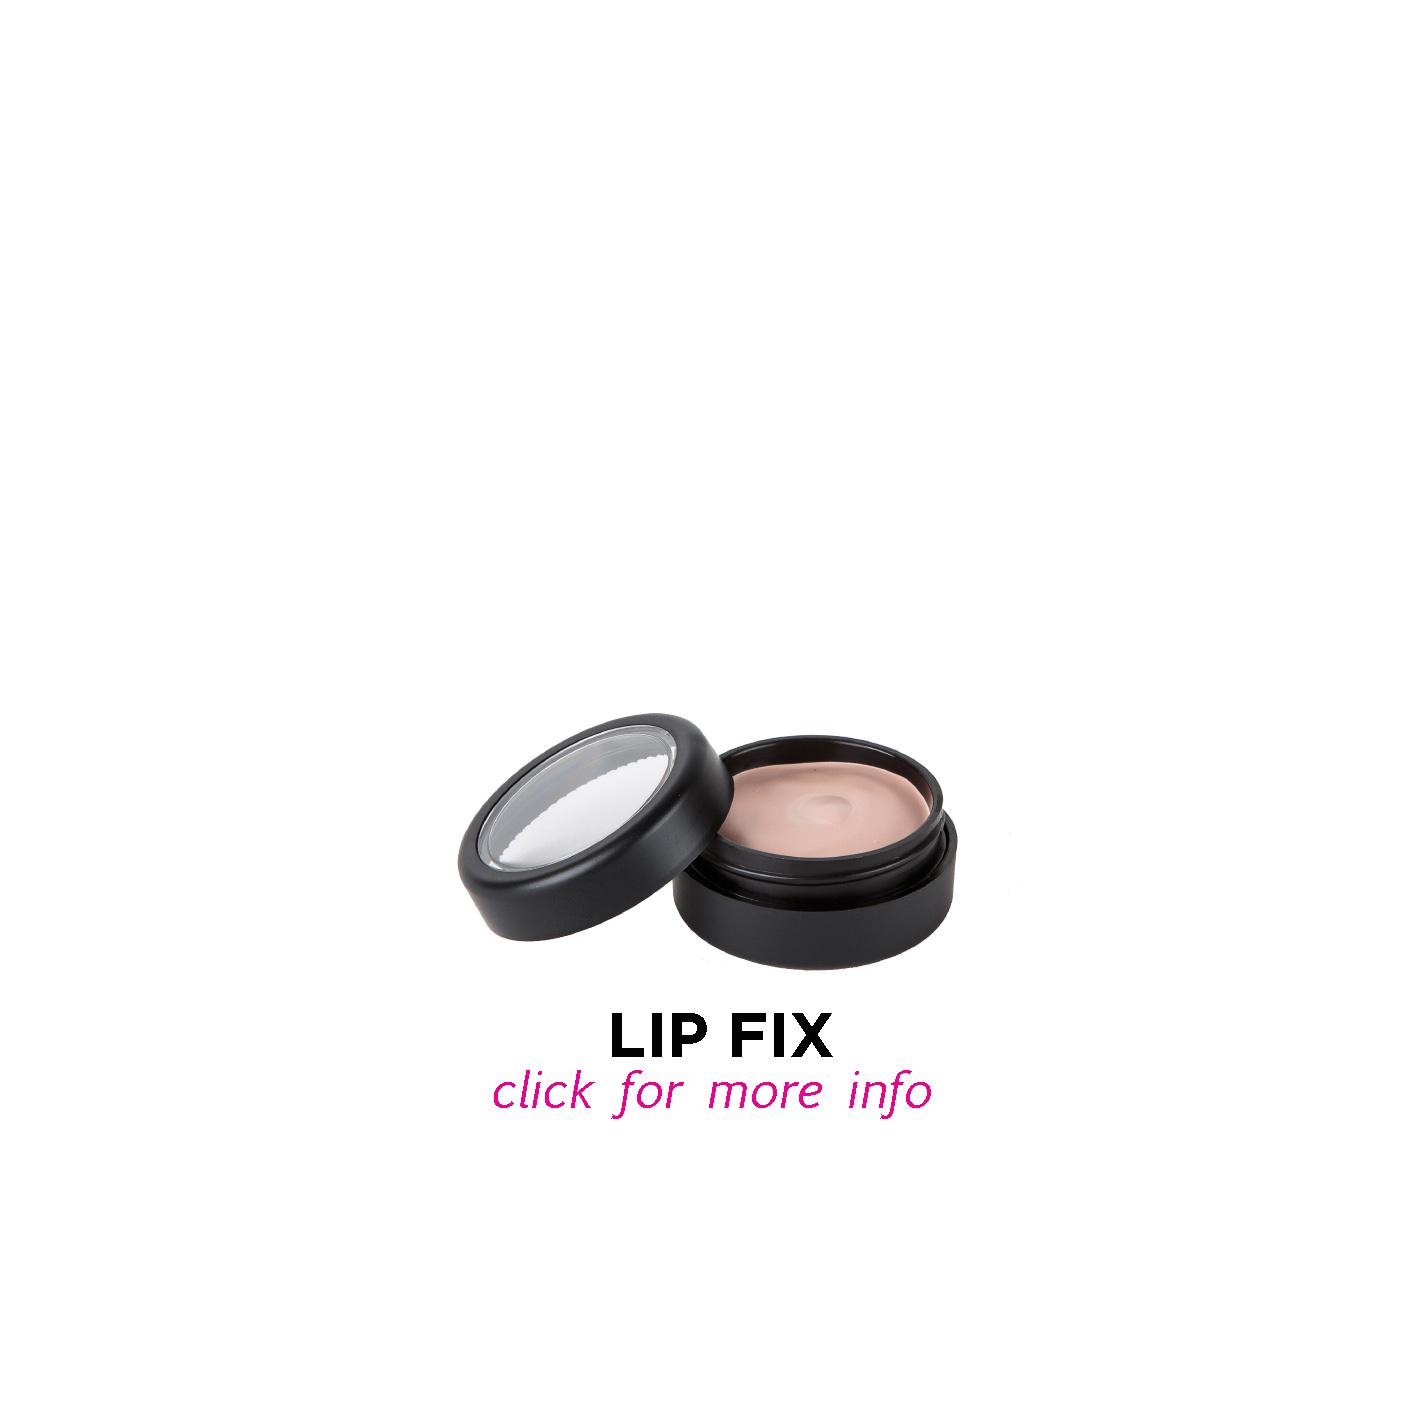 Lip Fix